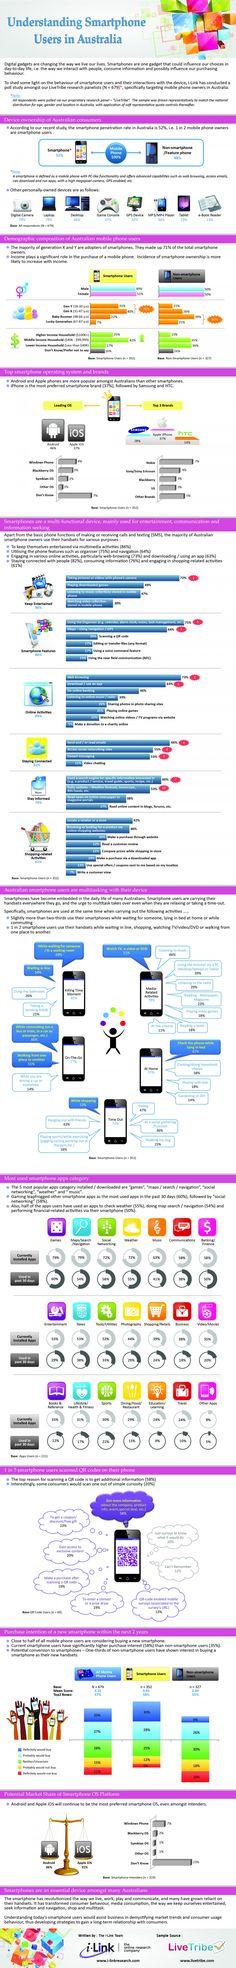 Understanding Smartphone Users in Australia Infographic